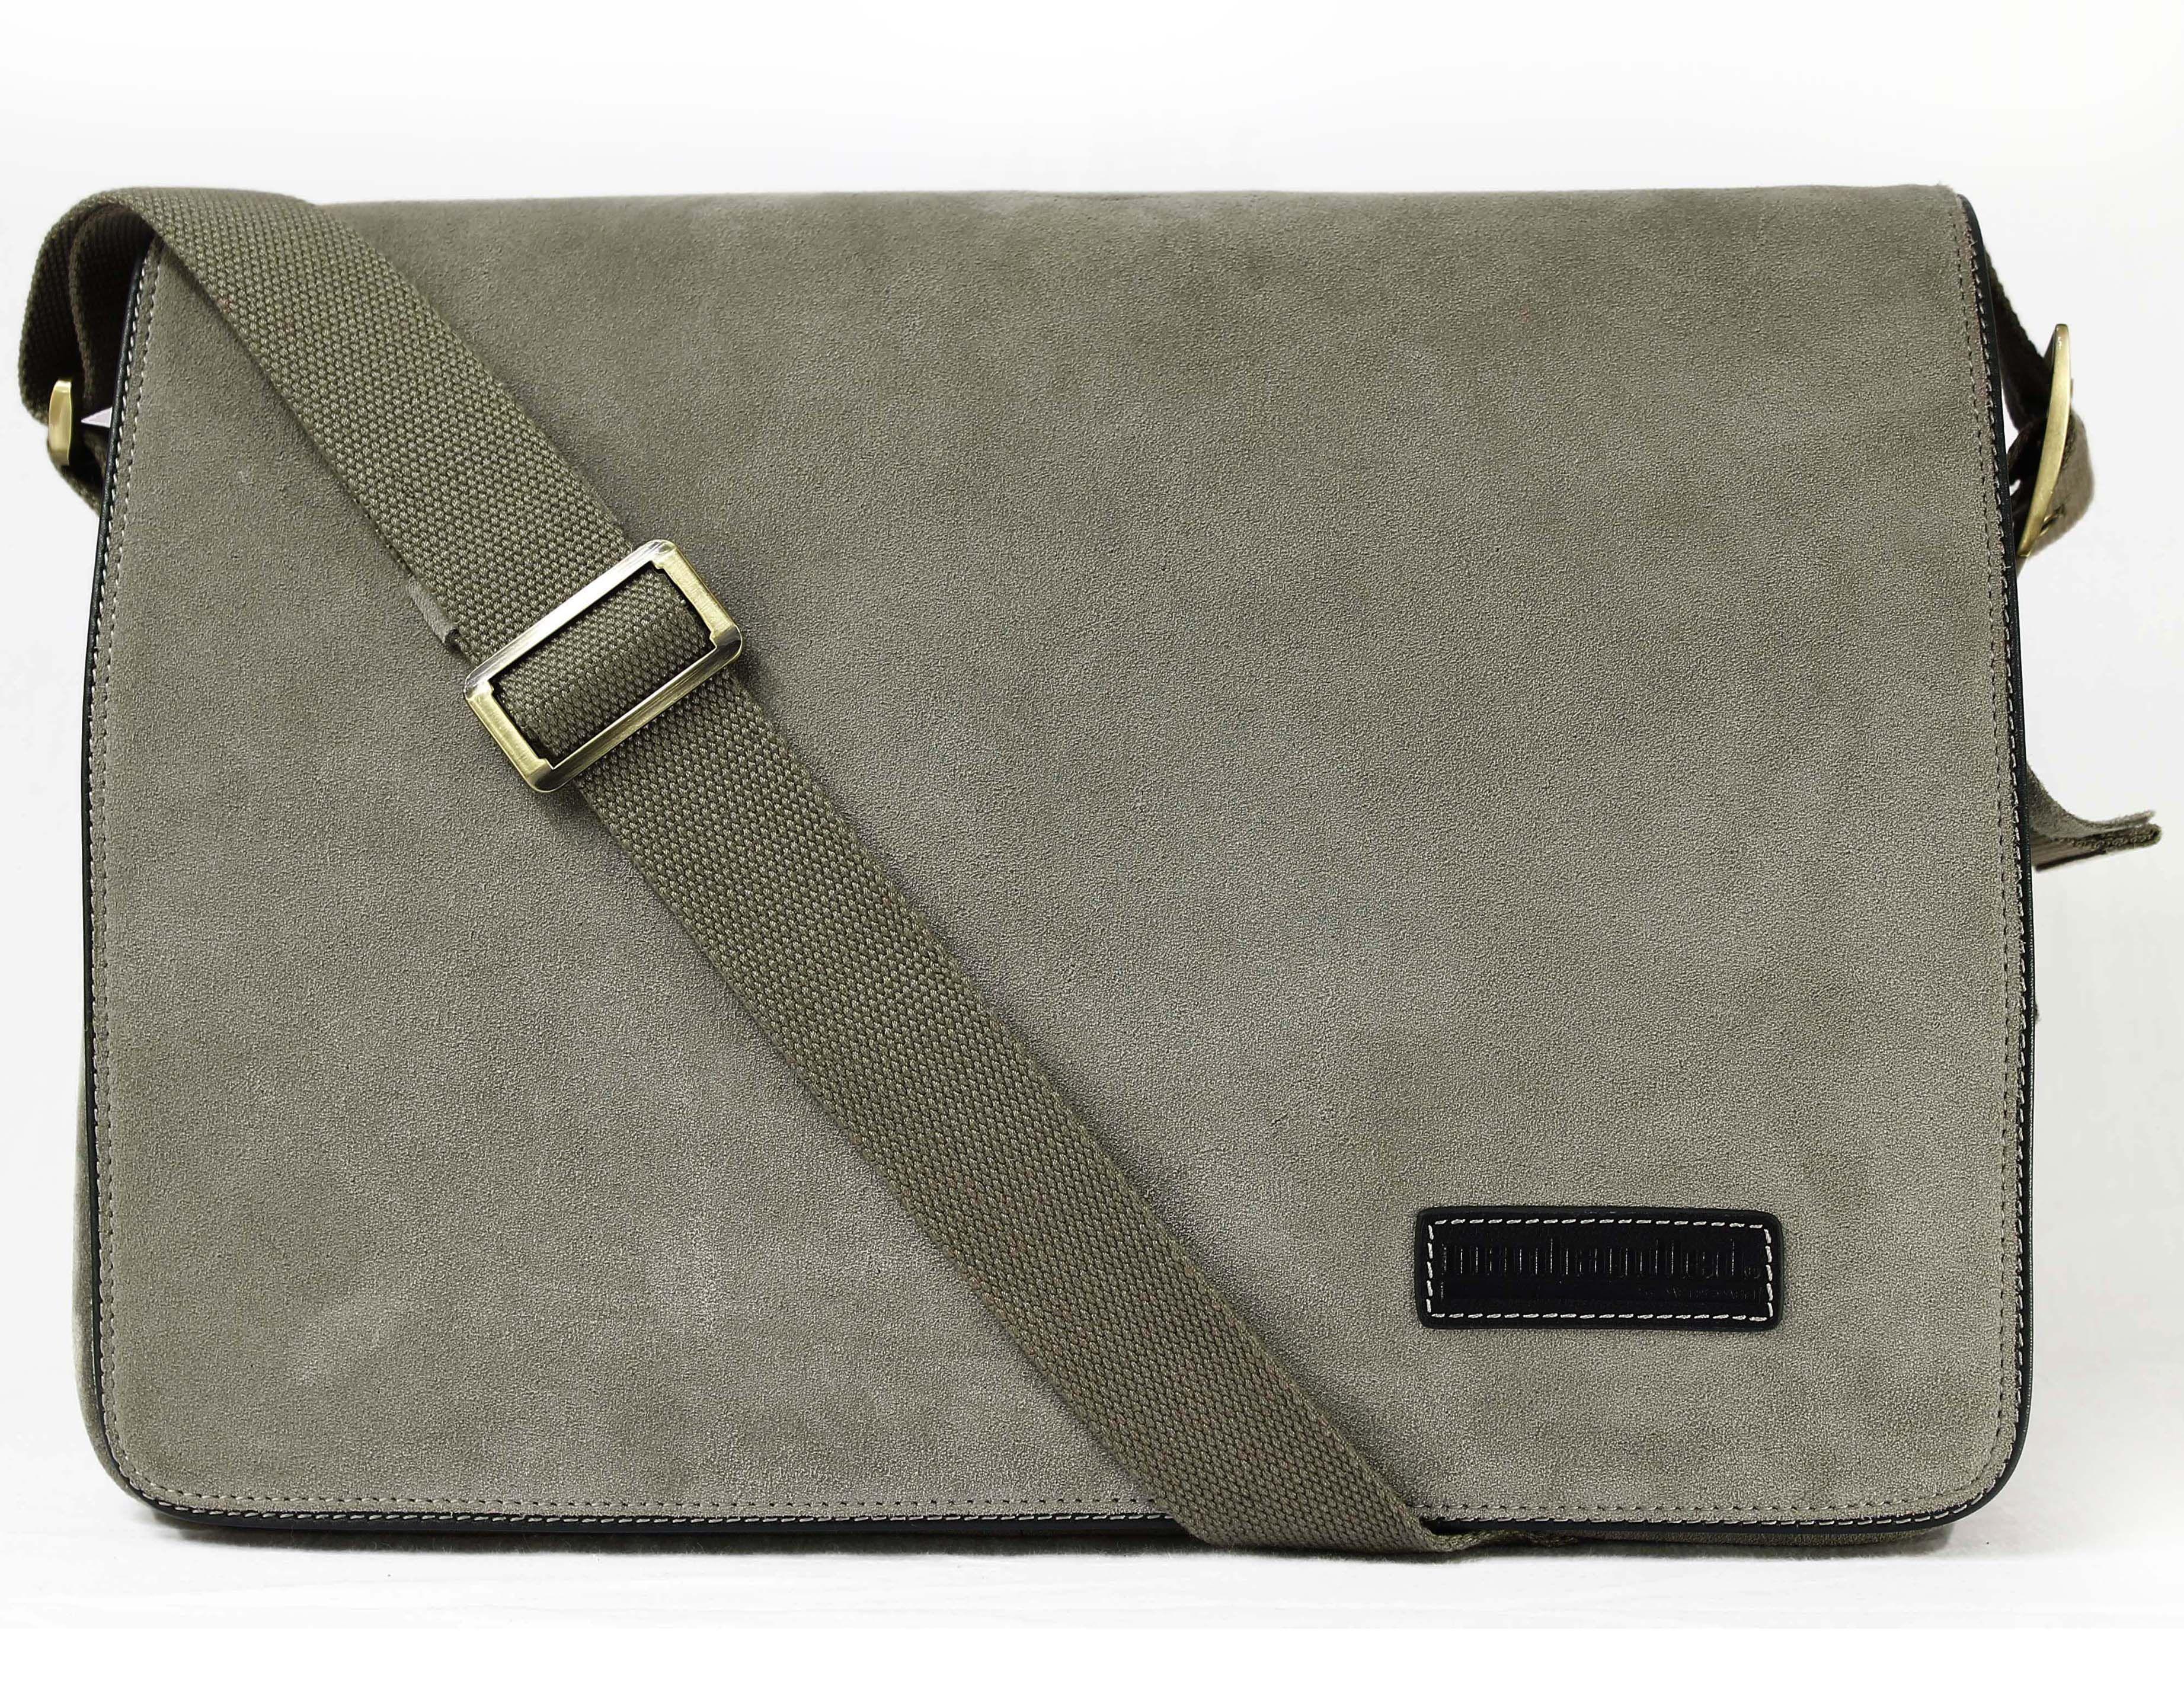 94cad17b52a9 Manhandled Suede Messenger Bag for men - Grey messenger bag for laptops    ipad